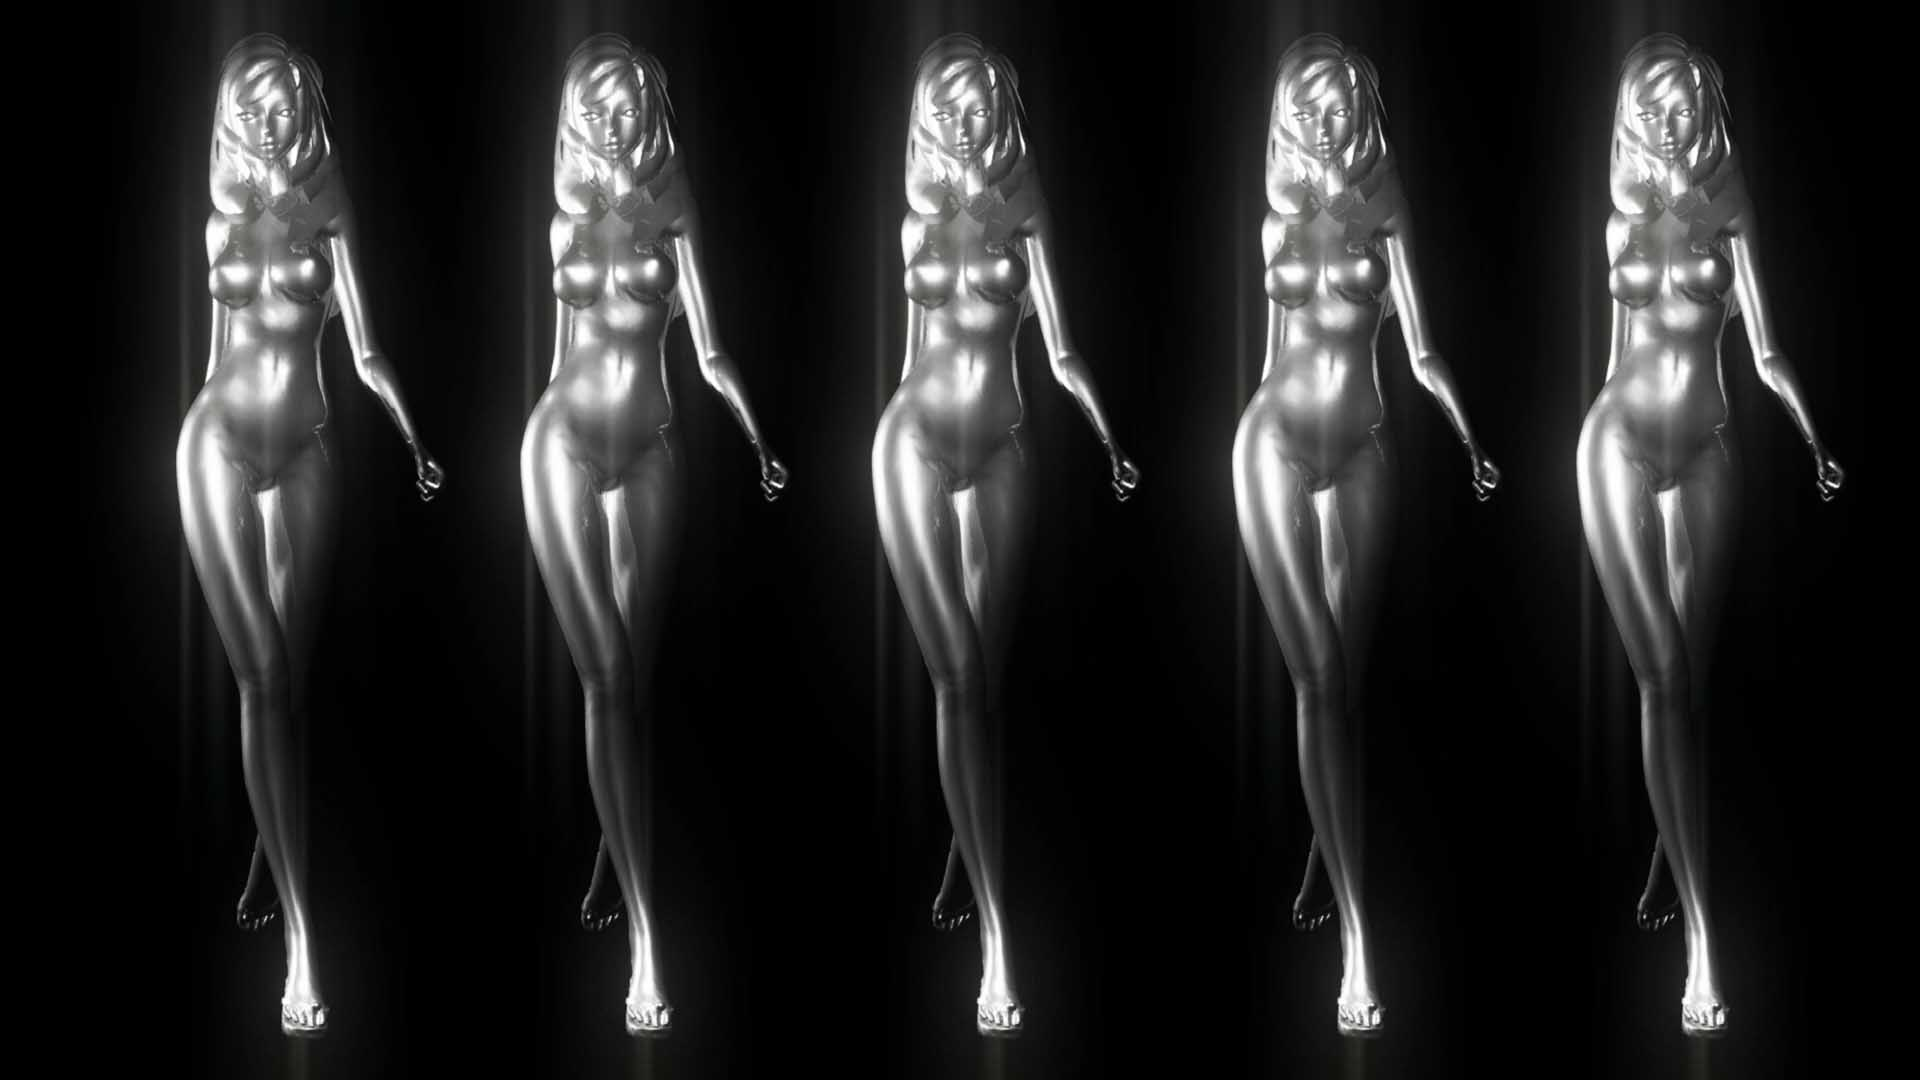 silver girl video footage vj loop